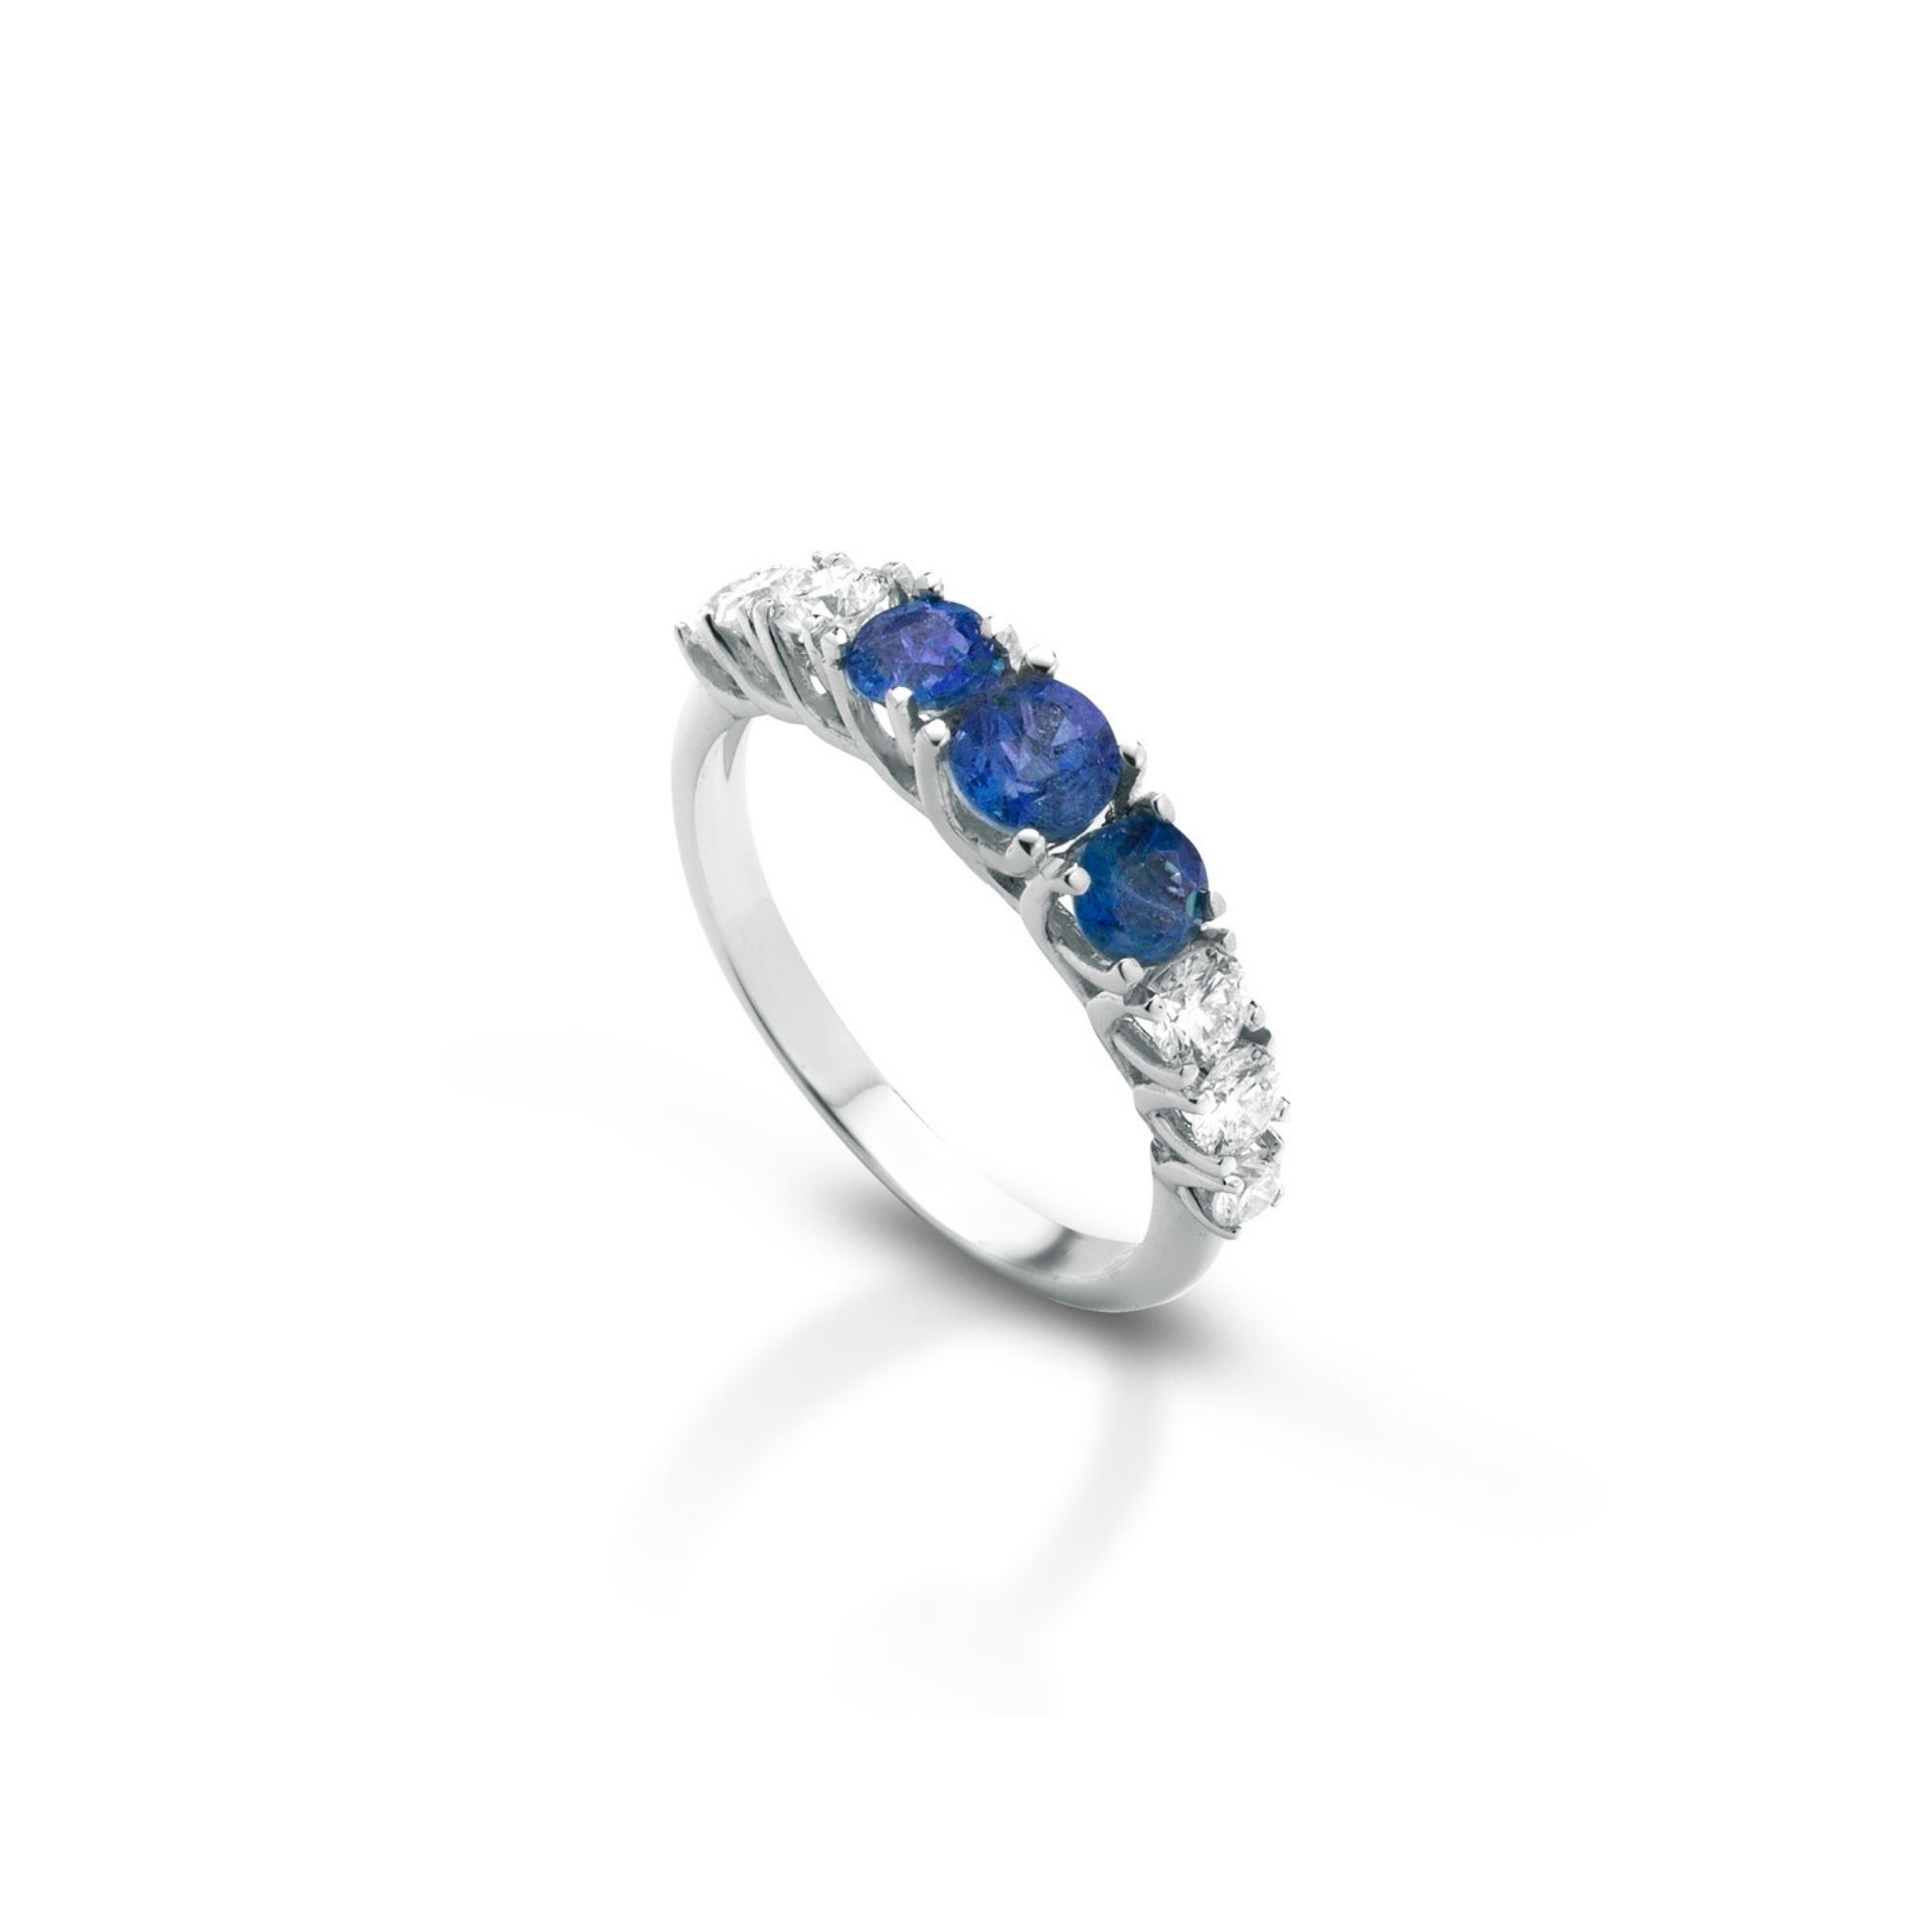 Anello con diamanti e zaffiri Ring with diamonds and sapphires sconto discount 3z